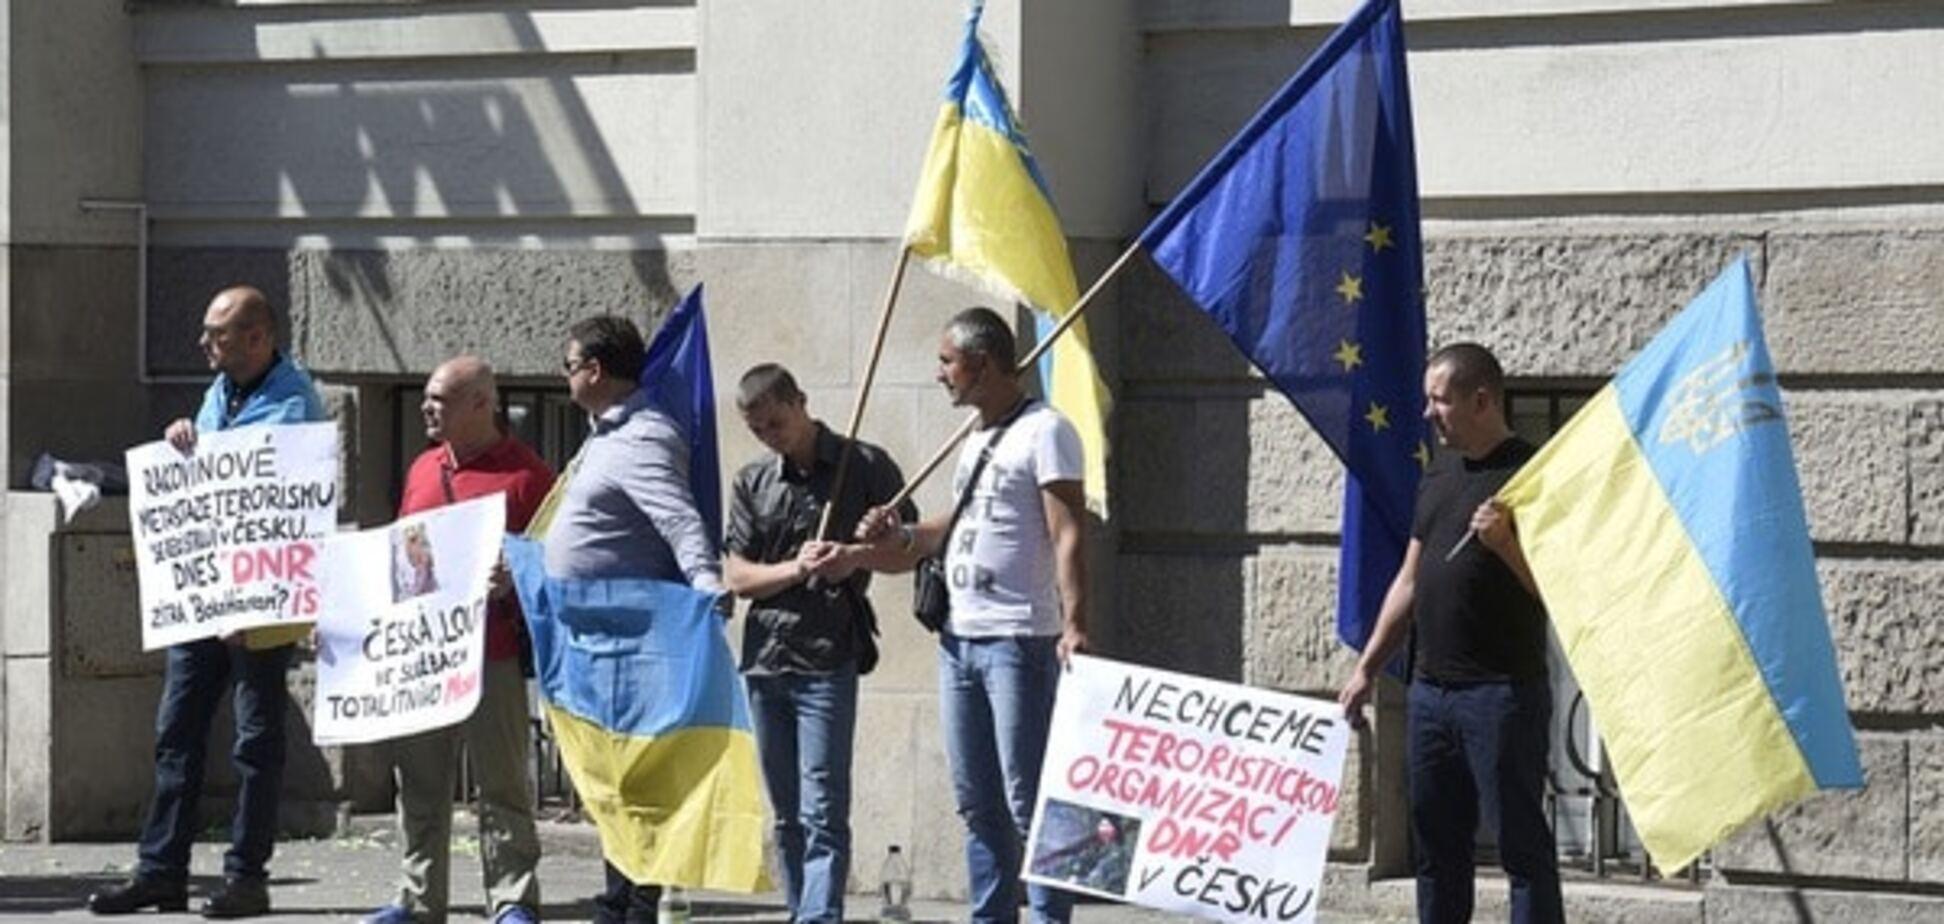 Мітинг проти \'представництва ДНР\' в Чехії